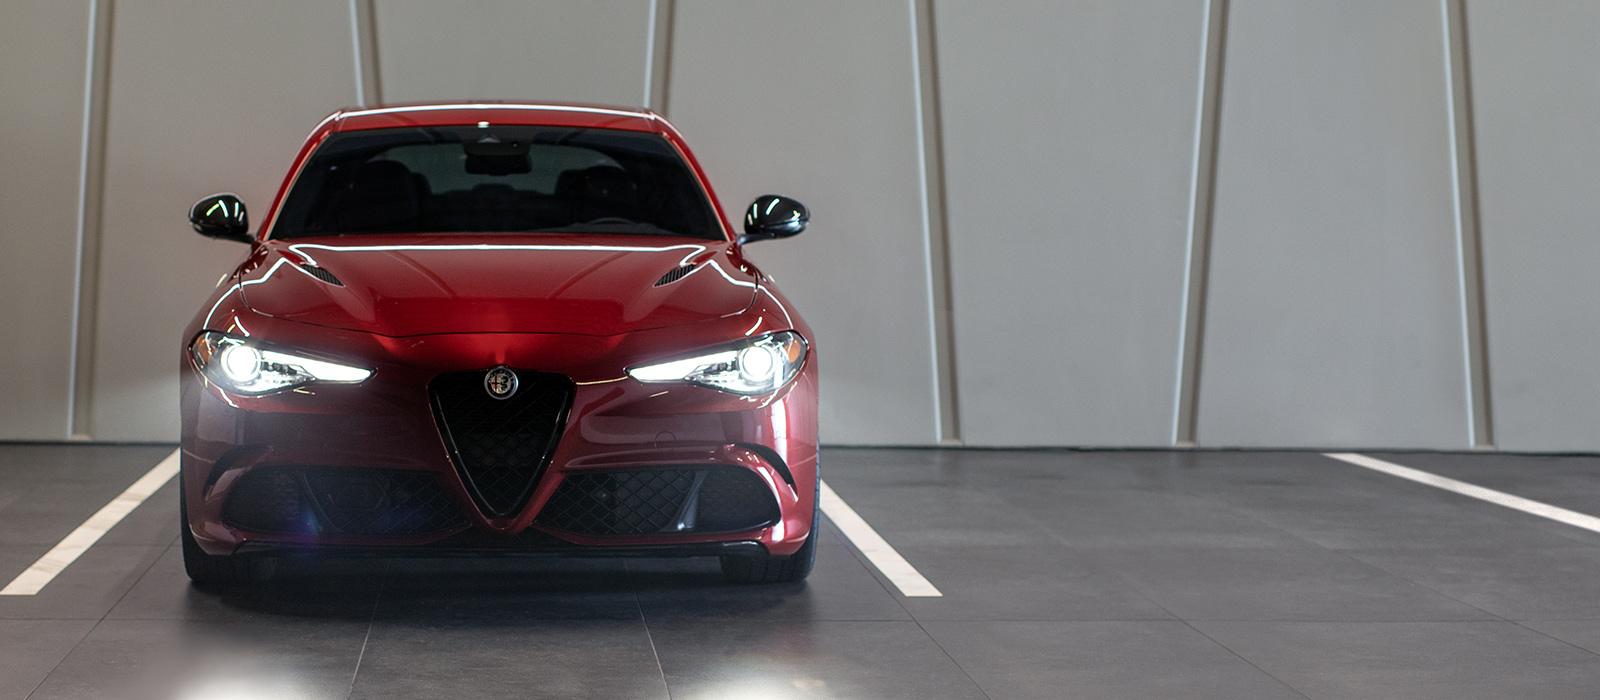 El Alfa Romeo Giulia Quadrifoglio 2020 estacionado en una estructura de estacionamiento.